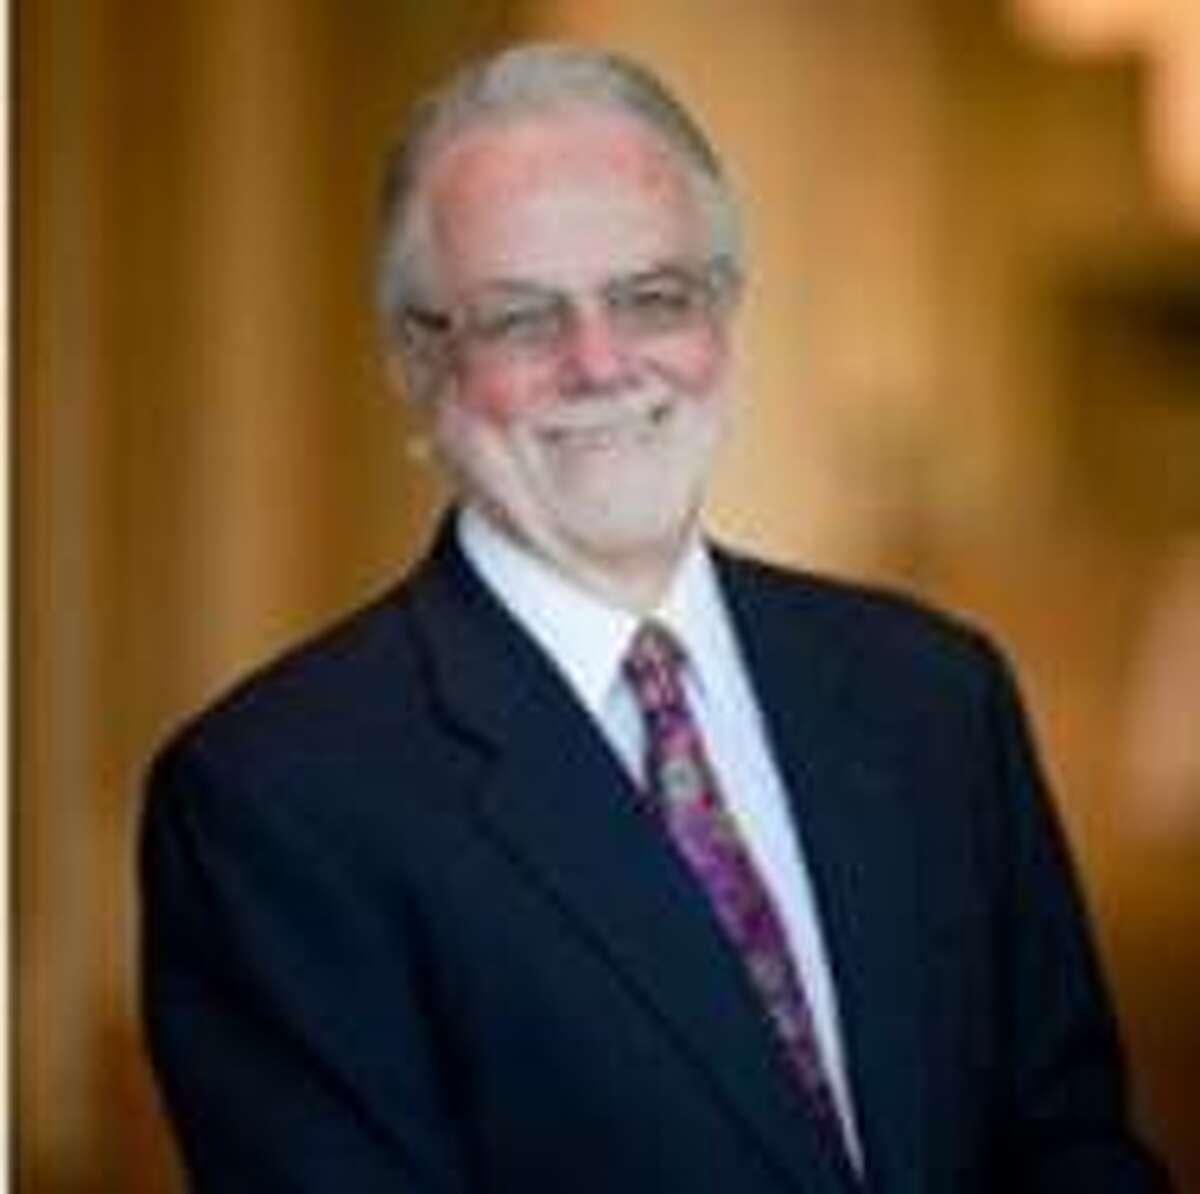 Grant Sadler, the founder and president of GMS Dental Centers of Excellence, will speak Thursday, Aug. 15.